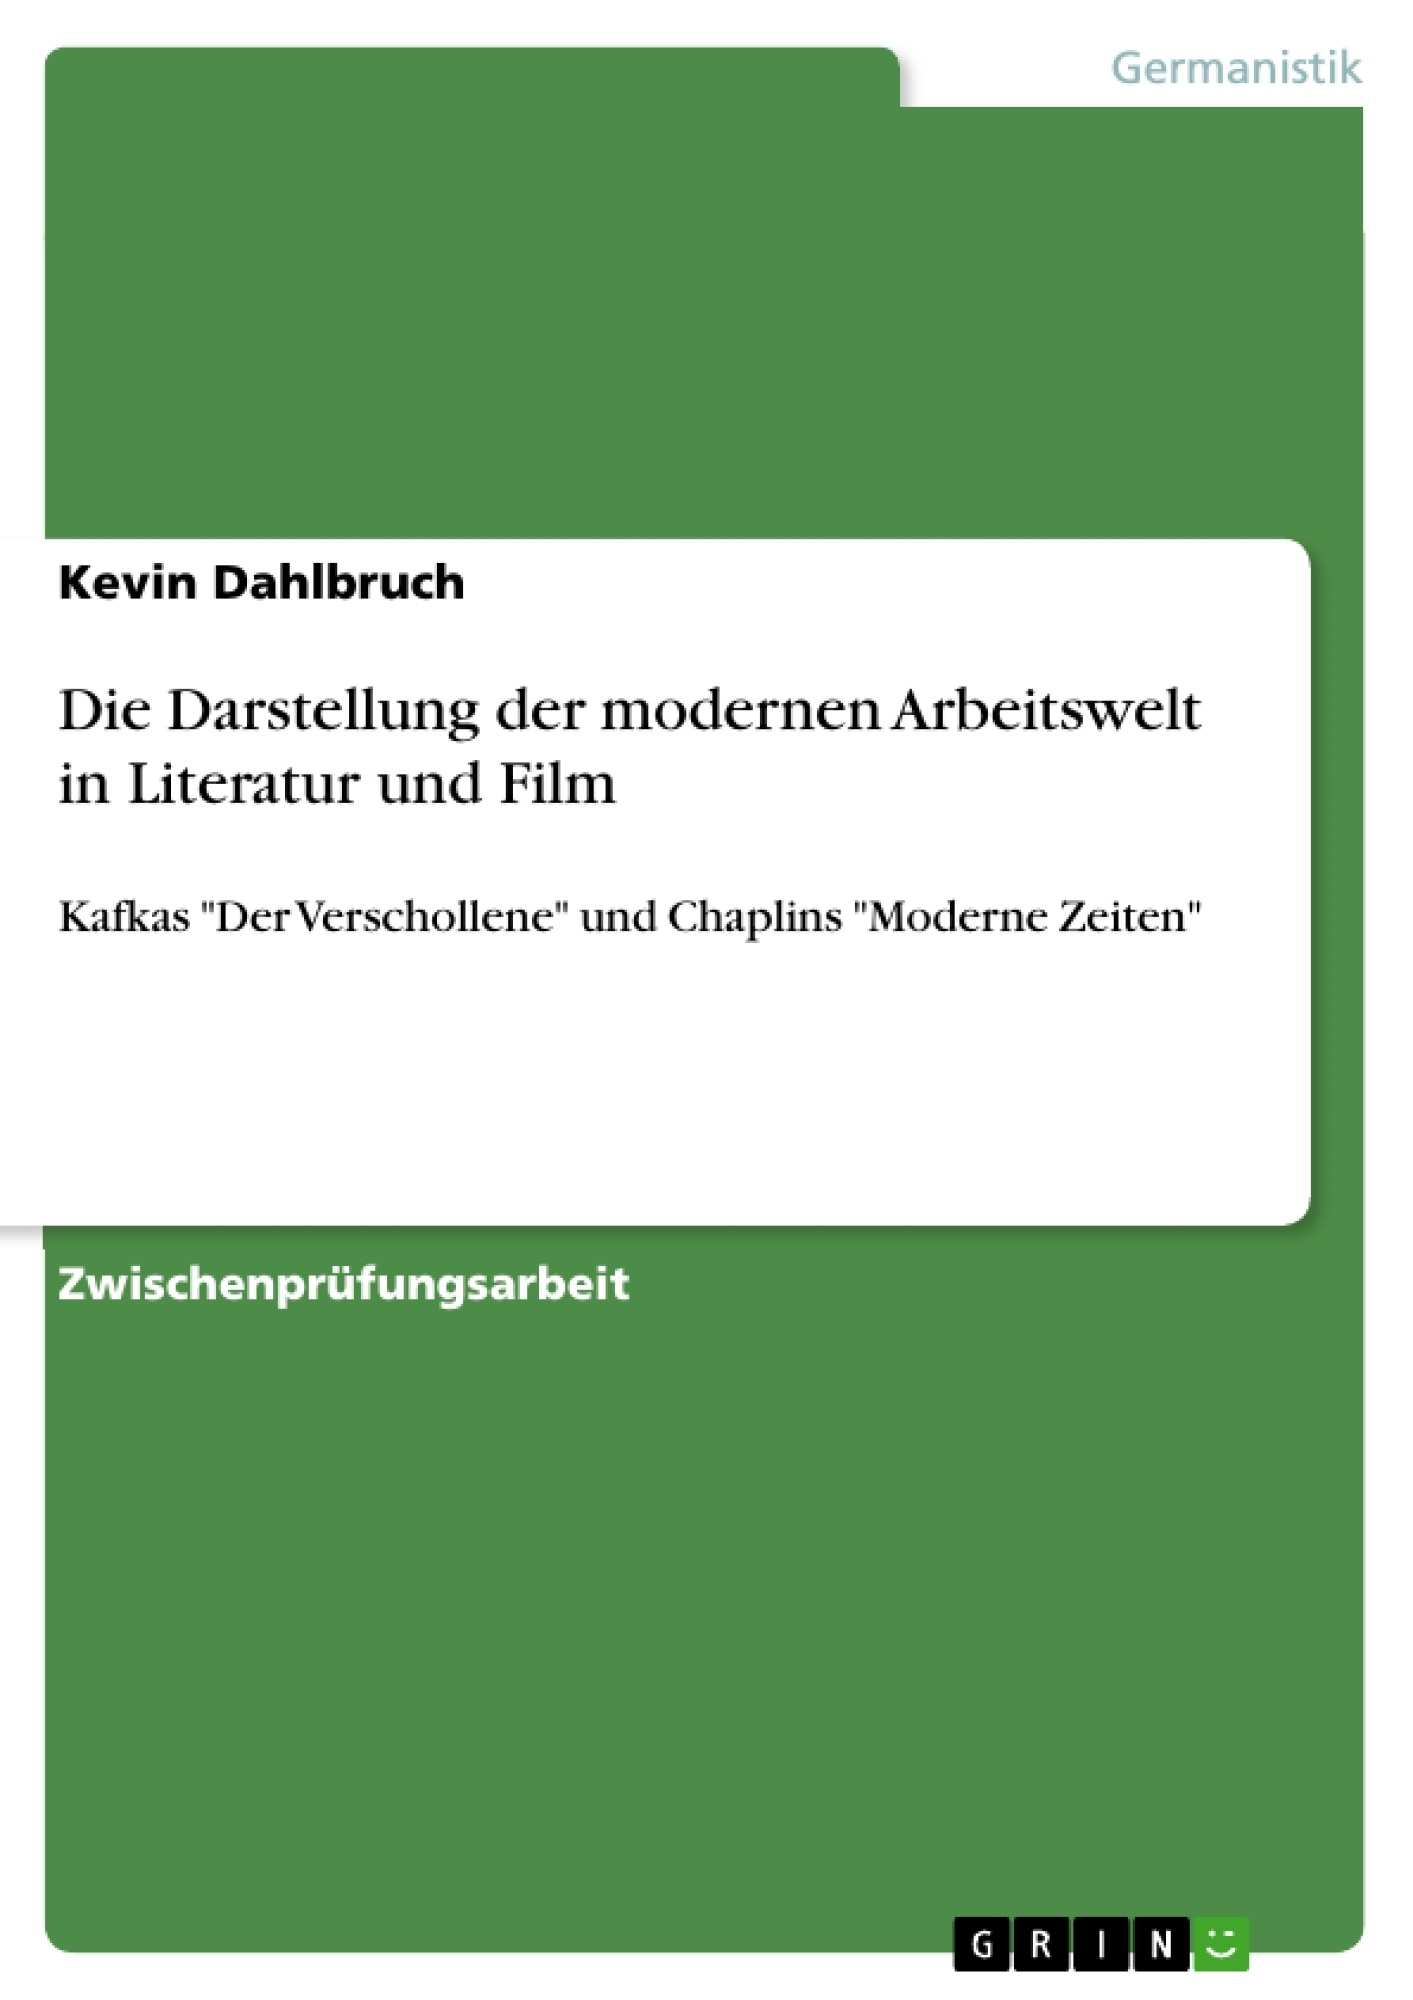 Titel: Die Darstellung der modernen Arbeitswelt in Literatur und Film